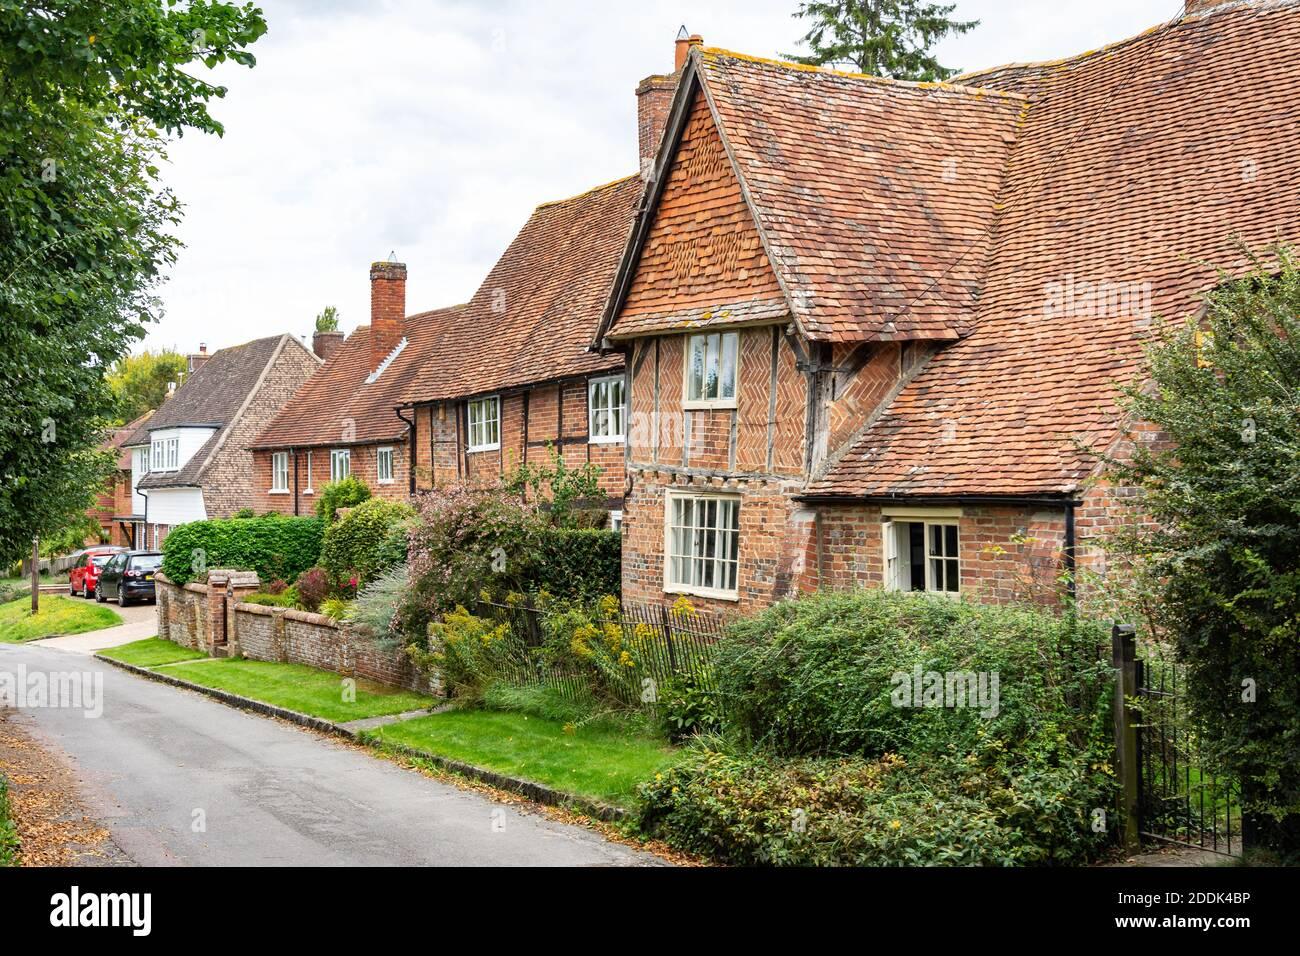 Timber-framed houses, Nottingham Fee, Blewbury, Oxfordshire, England, United Kingdom Stock Photo